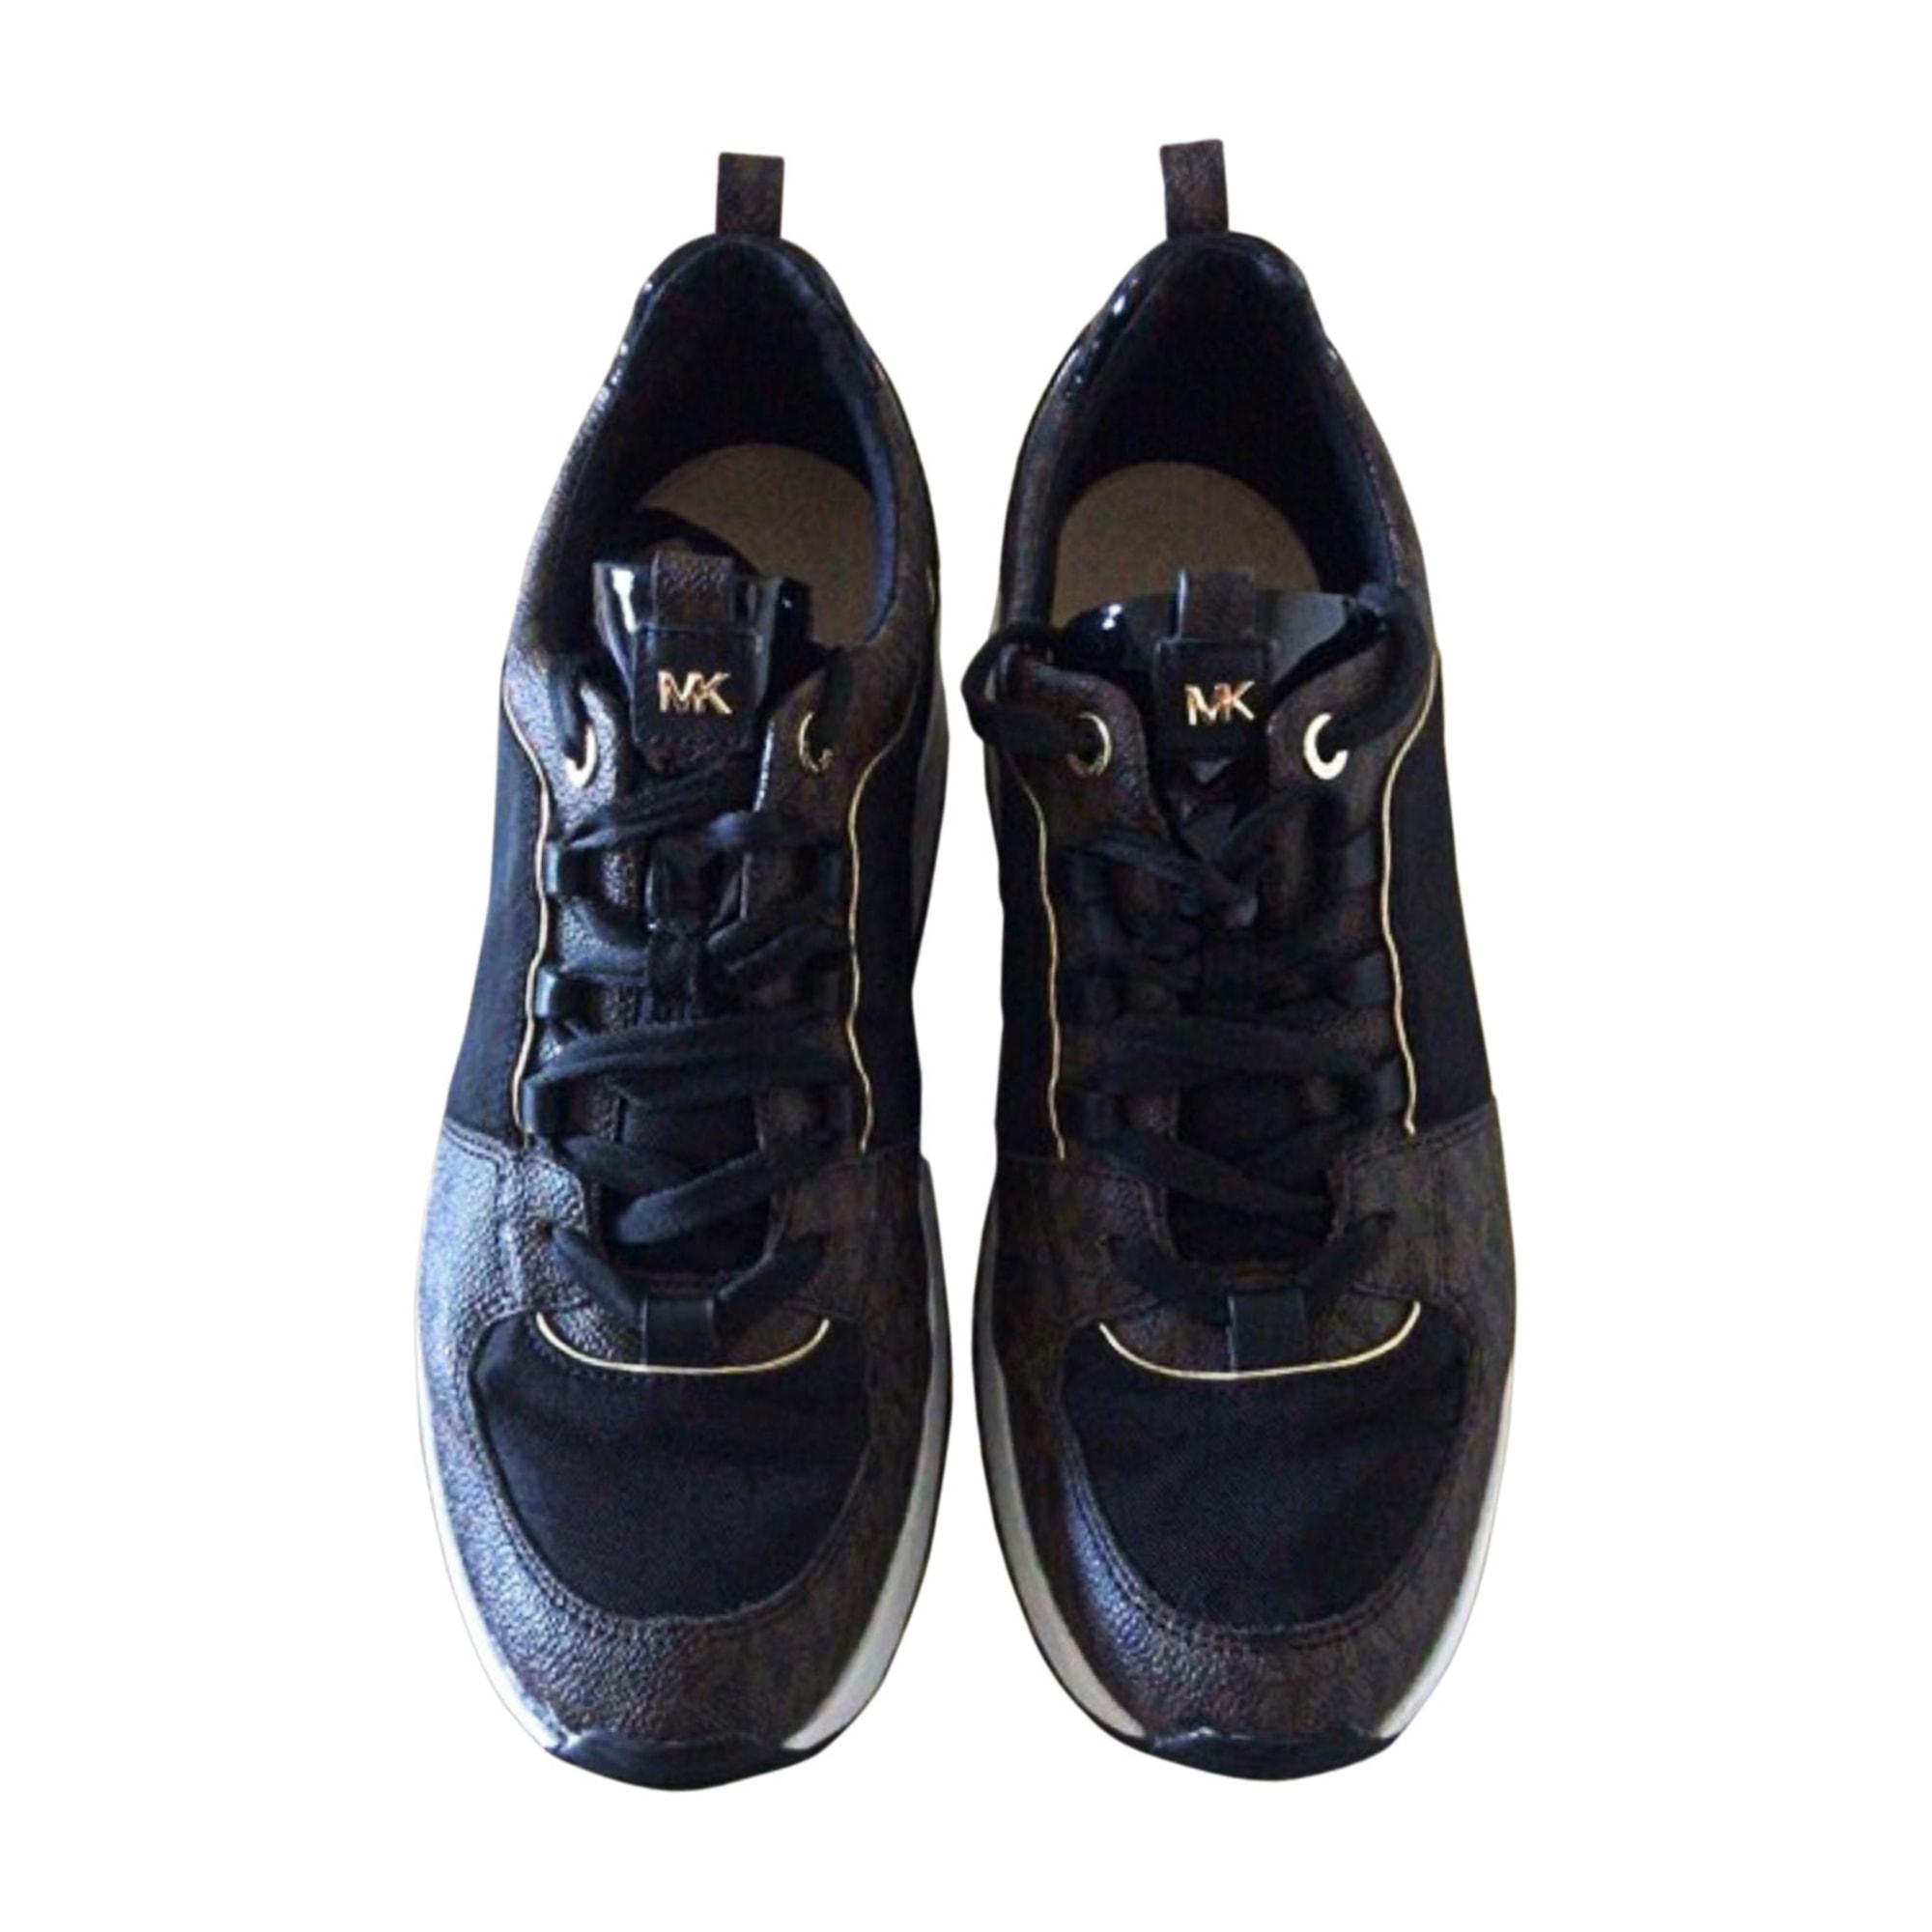 Sneakers MICHAEL KORS Green